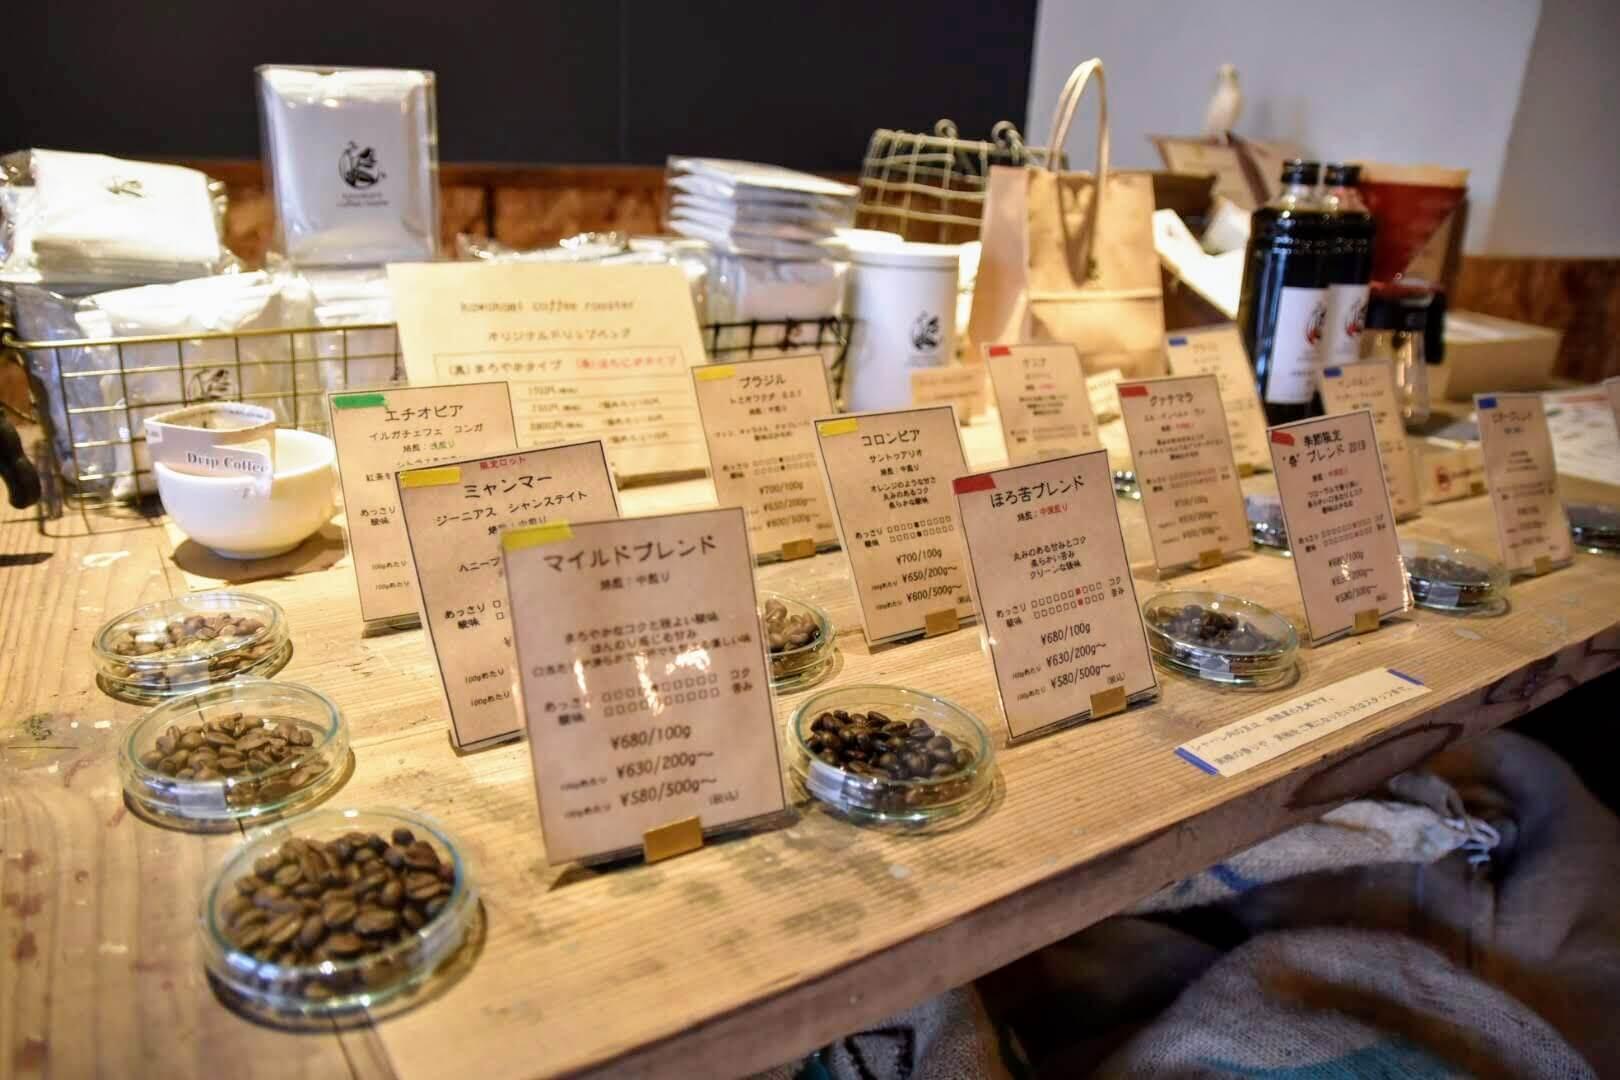 10種類以上並んだコーヒー豆